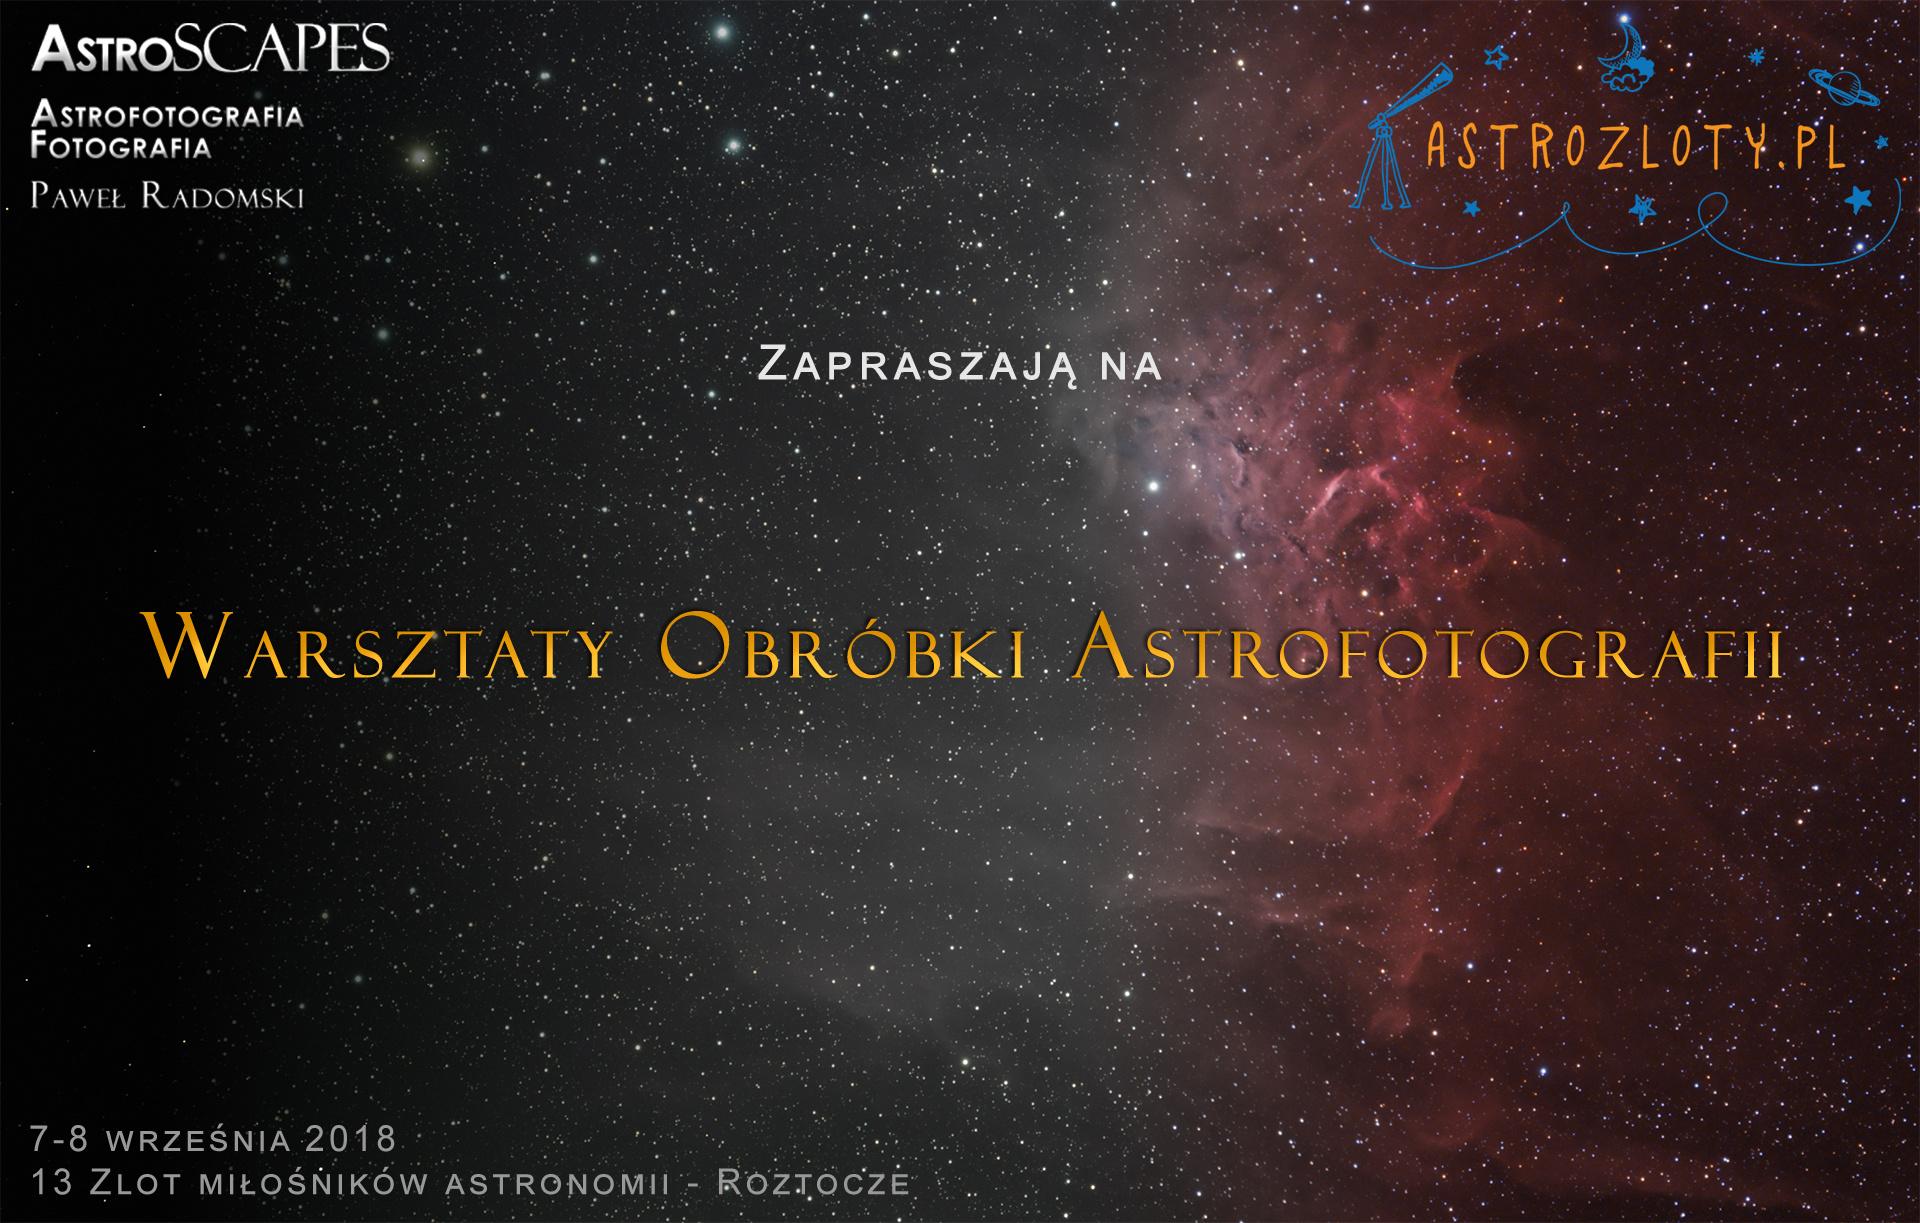 Warsztaty Obróbki Astrofotografii - XIII zlot miłośników astronomii, Roztocze